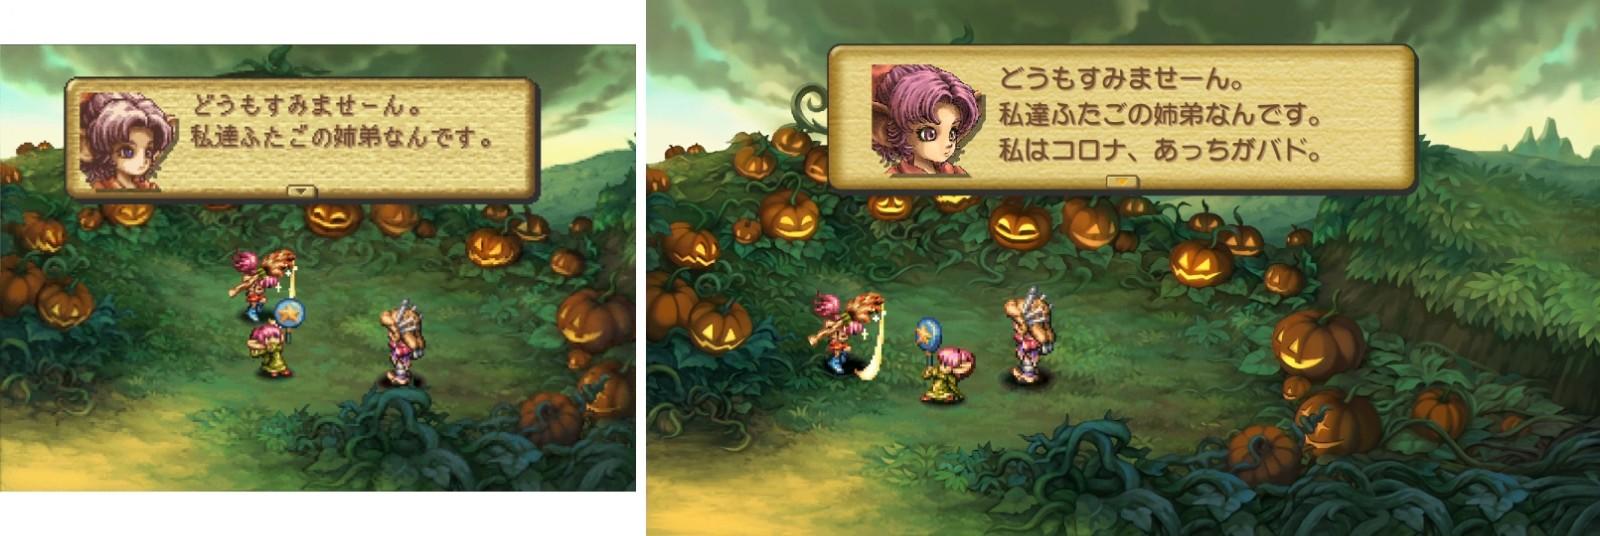 官方公开《圣剑传说:玛娜传奇》新老版本对比效果